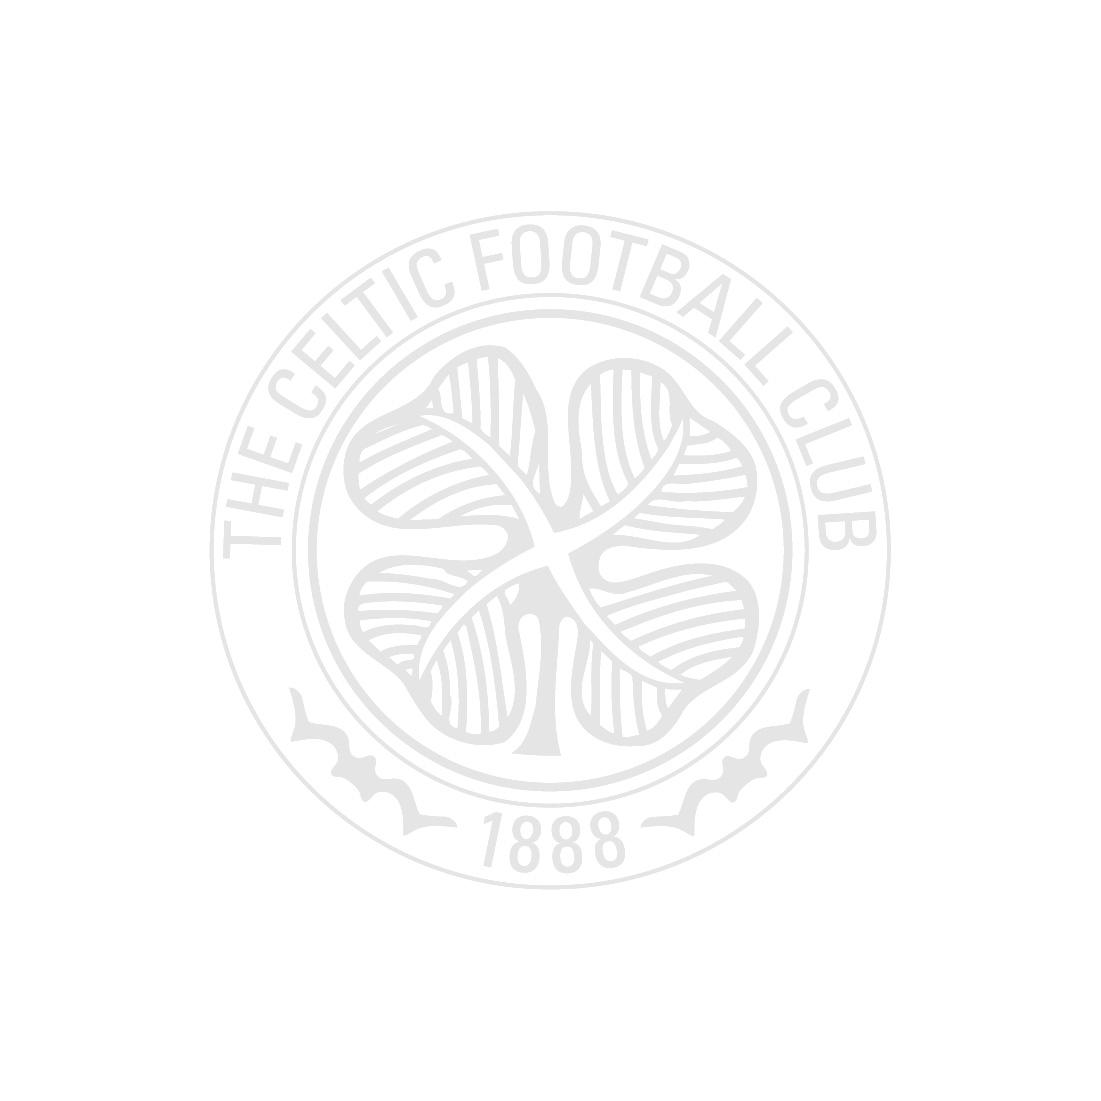 Celtic 1988 Centenary Tin Mug